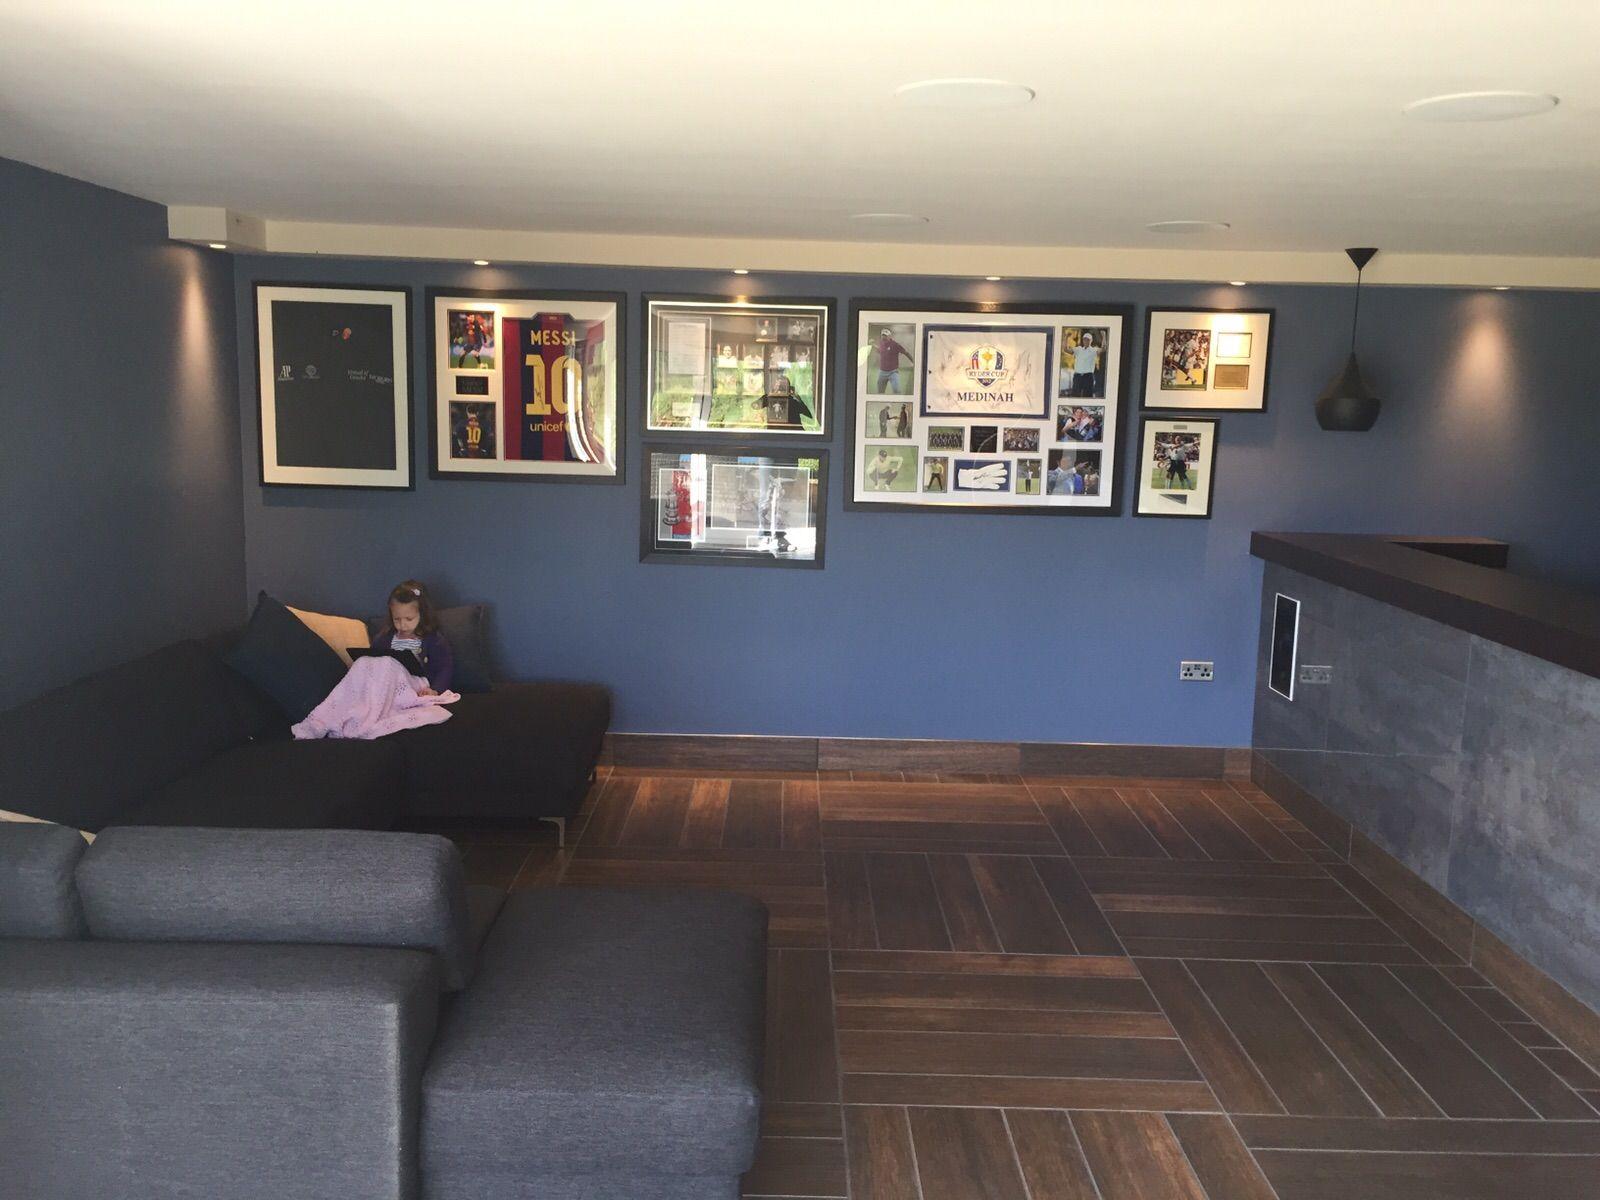 18x18 Floor Tile Gooddesign